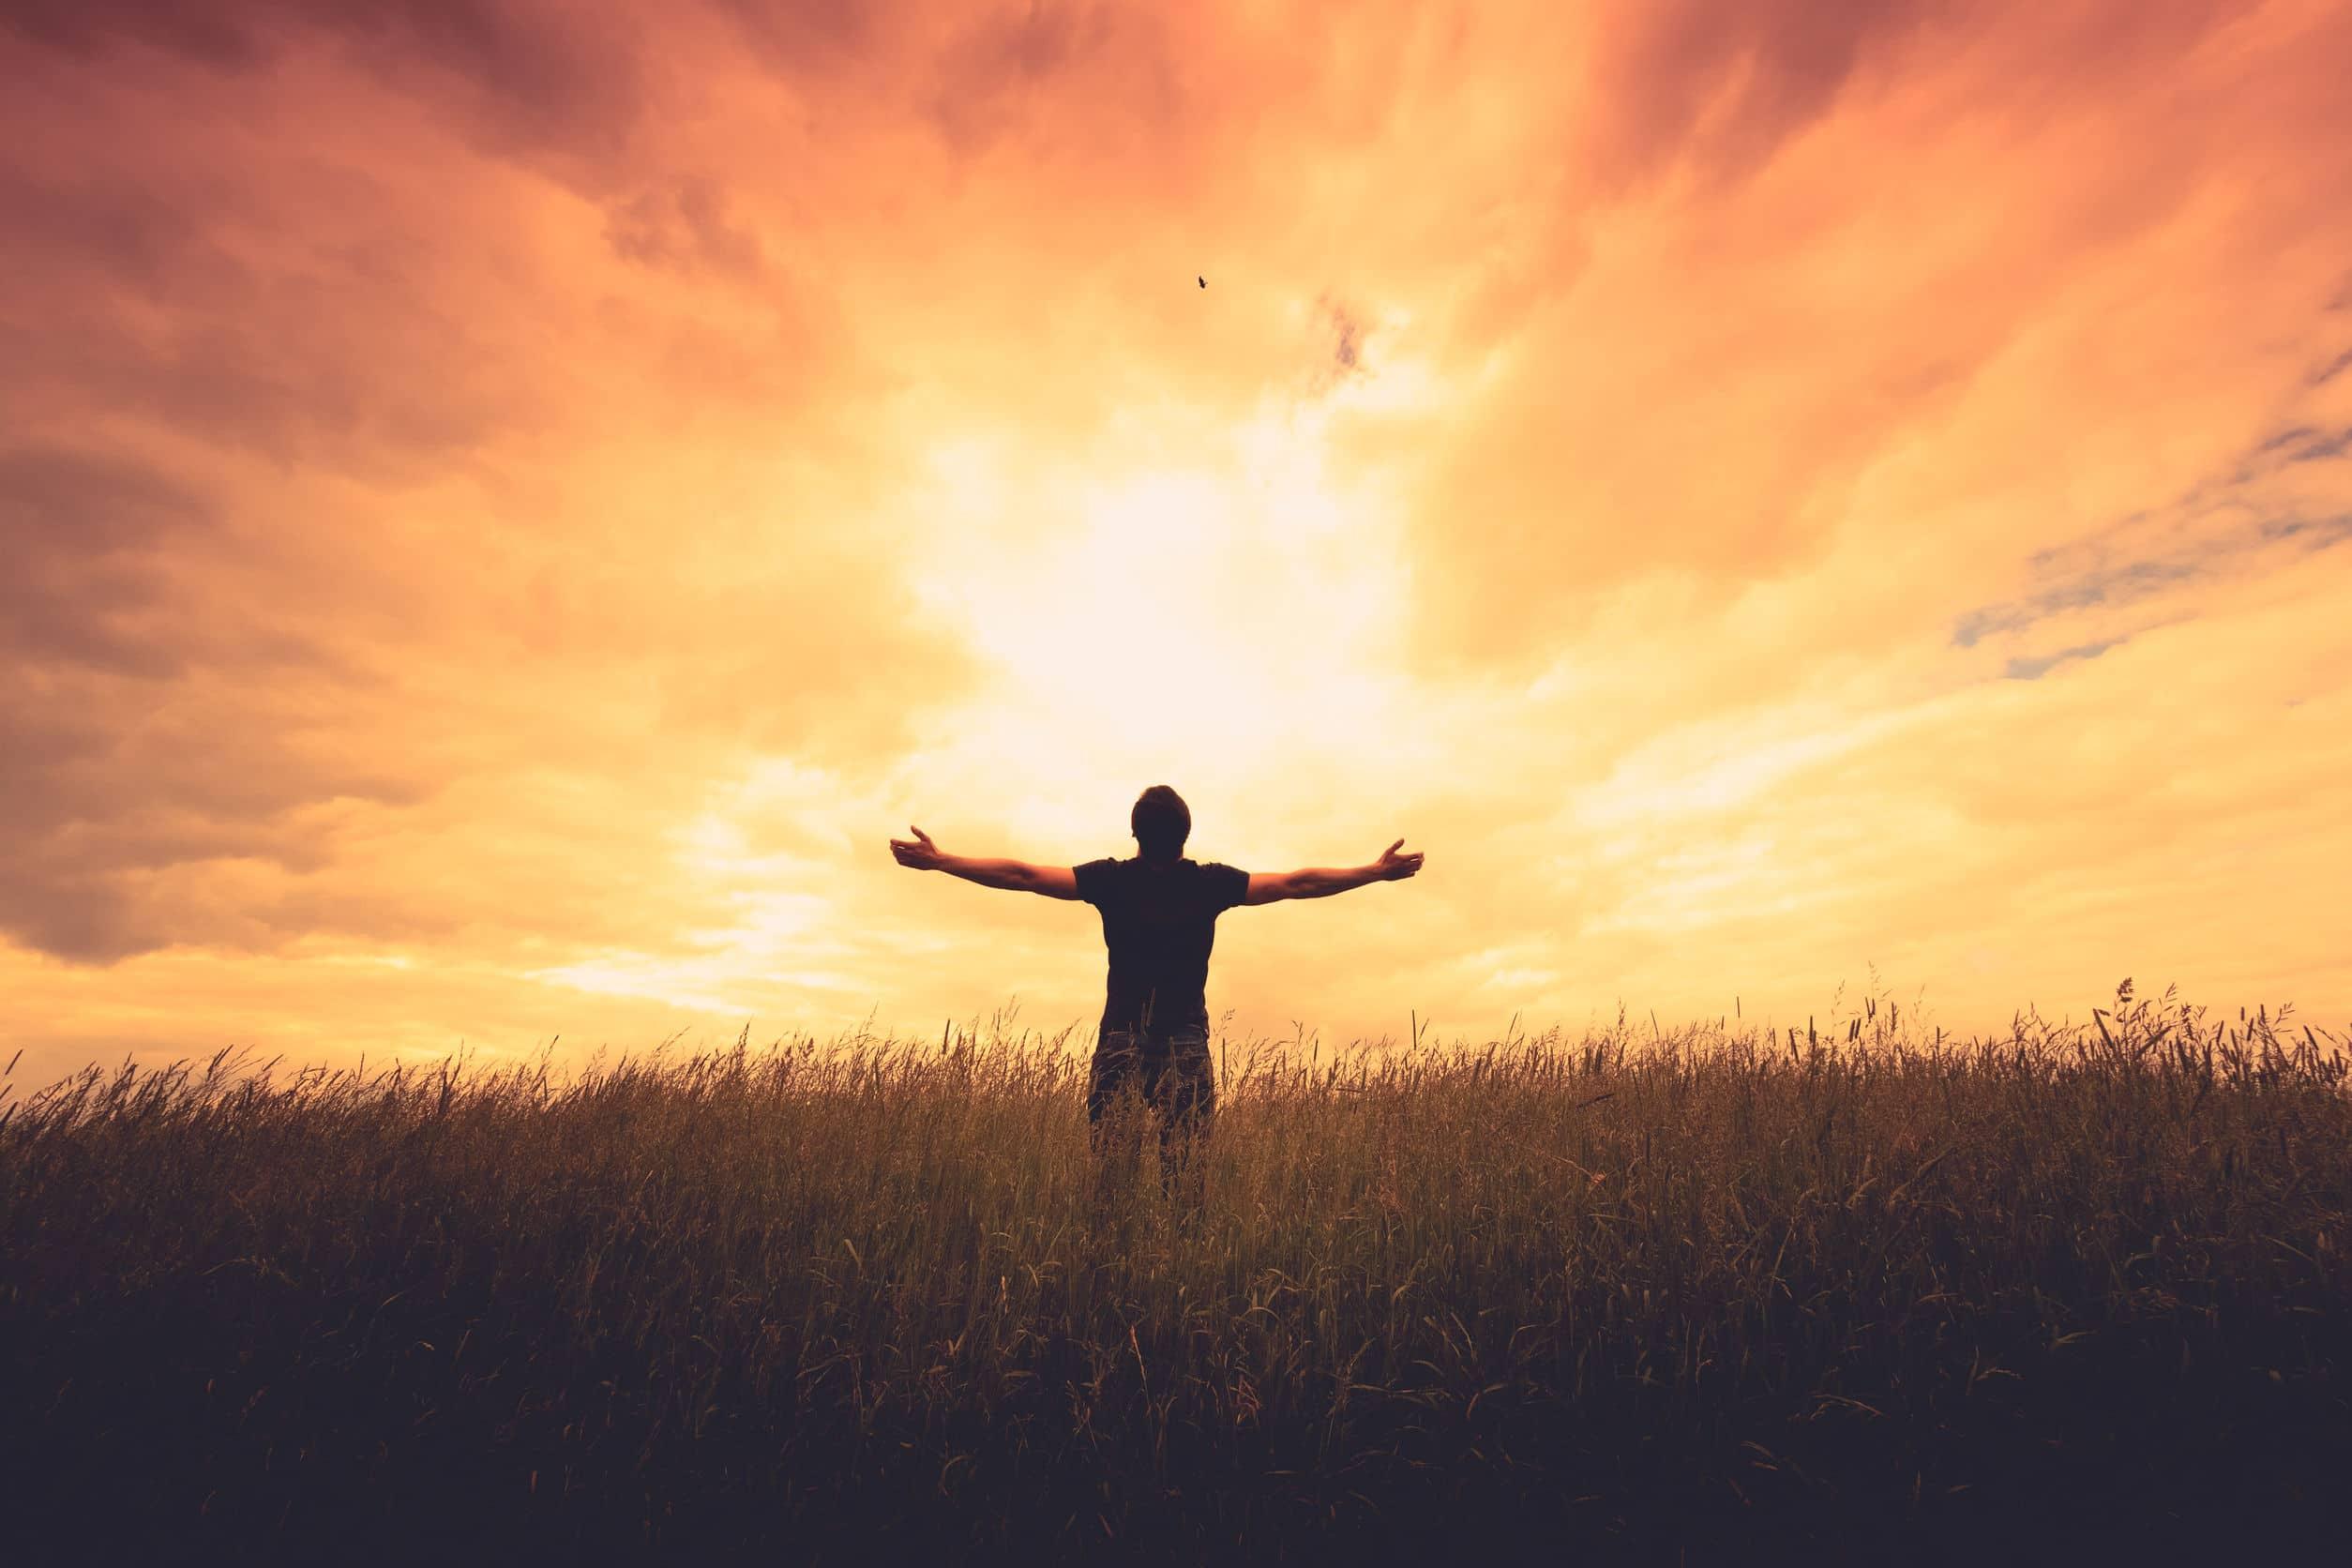 silhueta do homem em pé em um campo ao pôr do sol